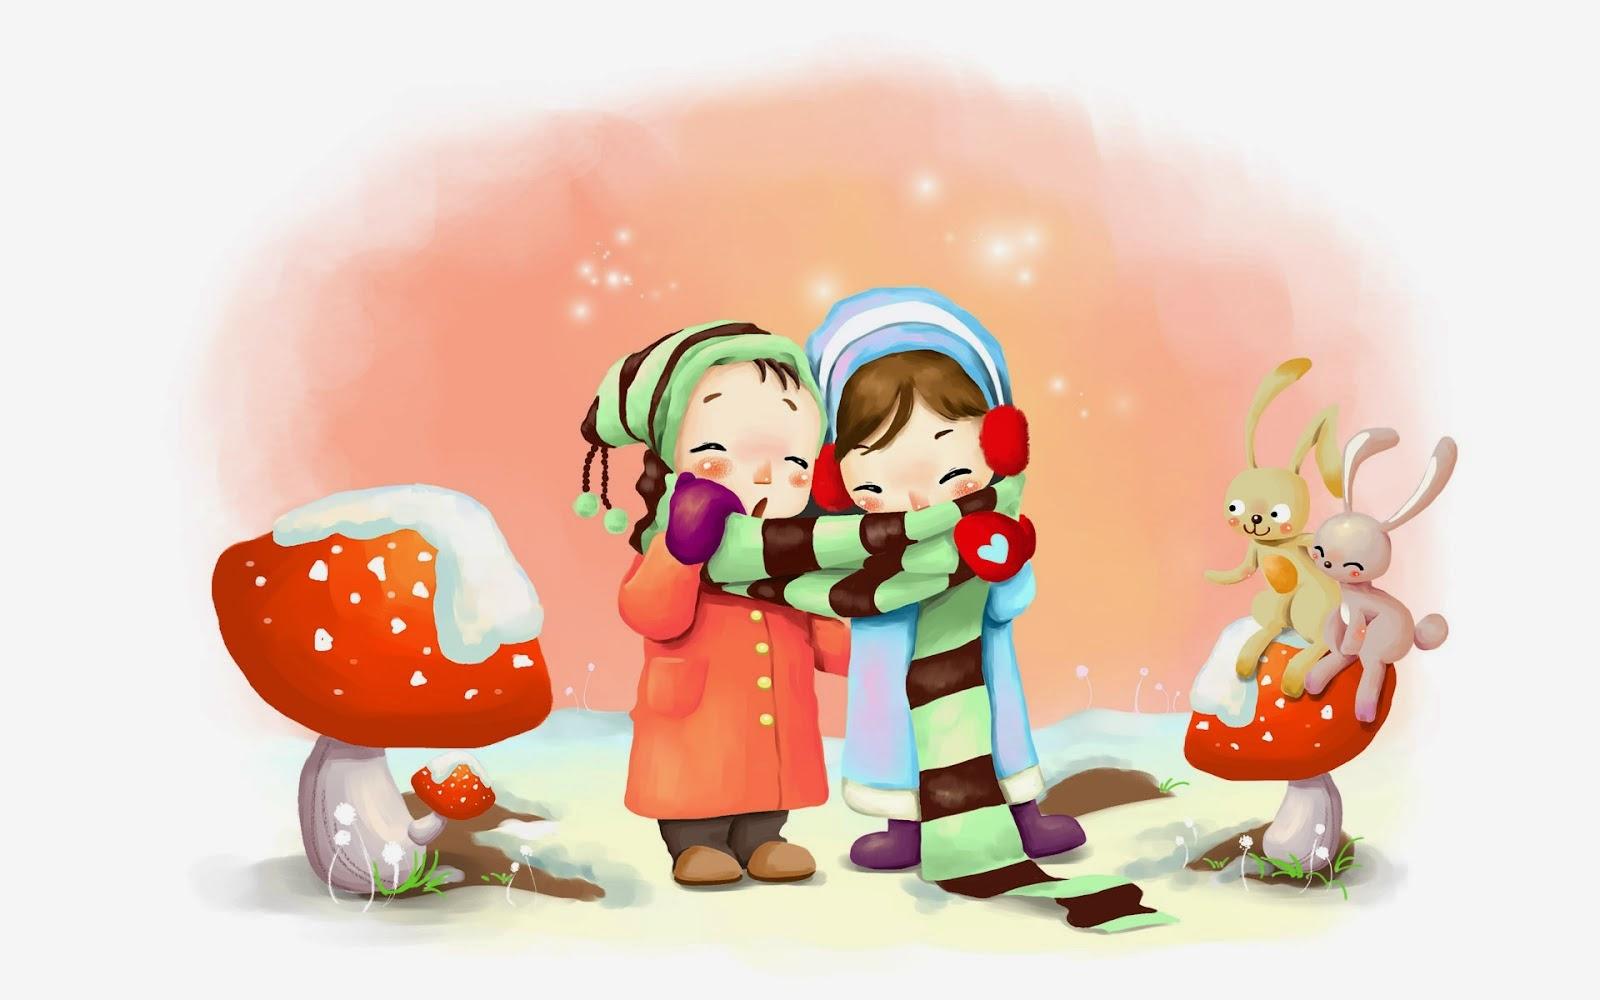 Tổng hợp những hình ảnh tình yêu dễ thương làm avata facebook Hình Ảnh Đẹp HD Với Hơn 1 Triệu hình ảnh đẹp được tải -